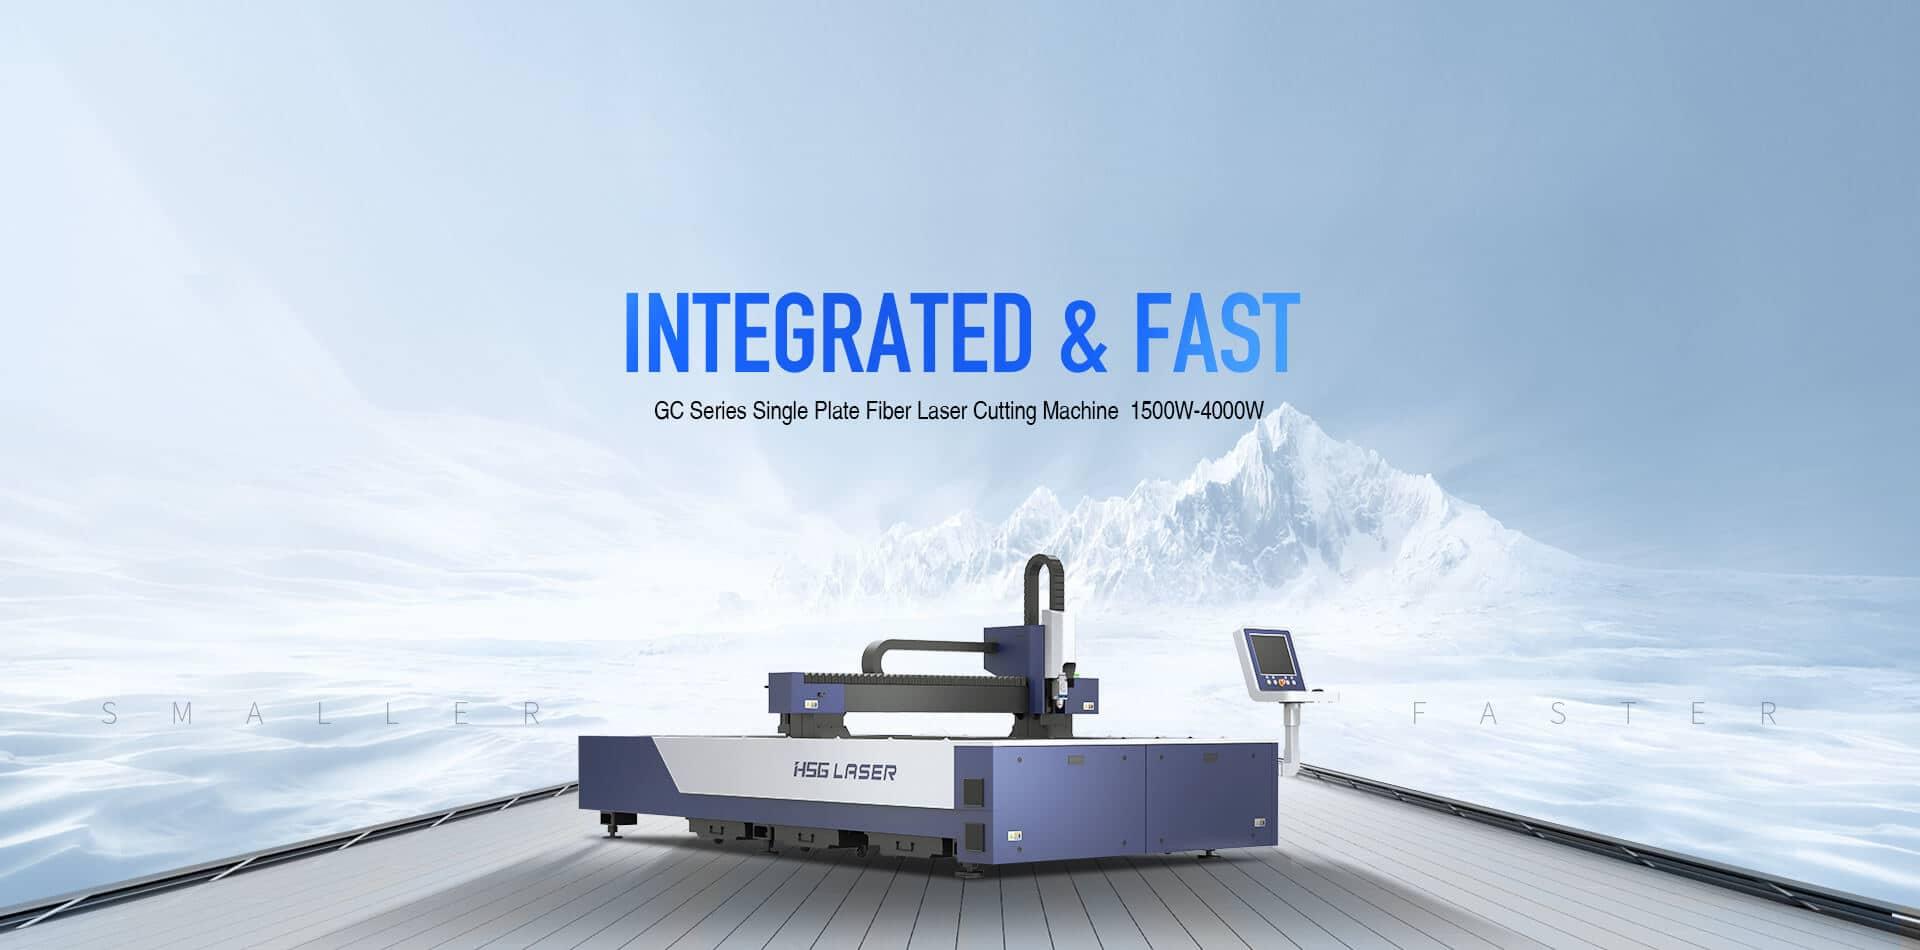 GC Series Single Platform Laser Cutting Machine